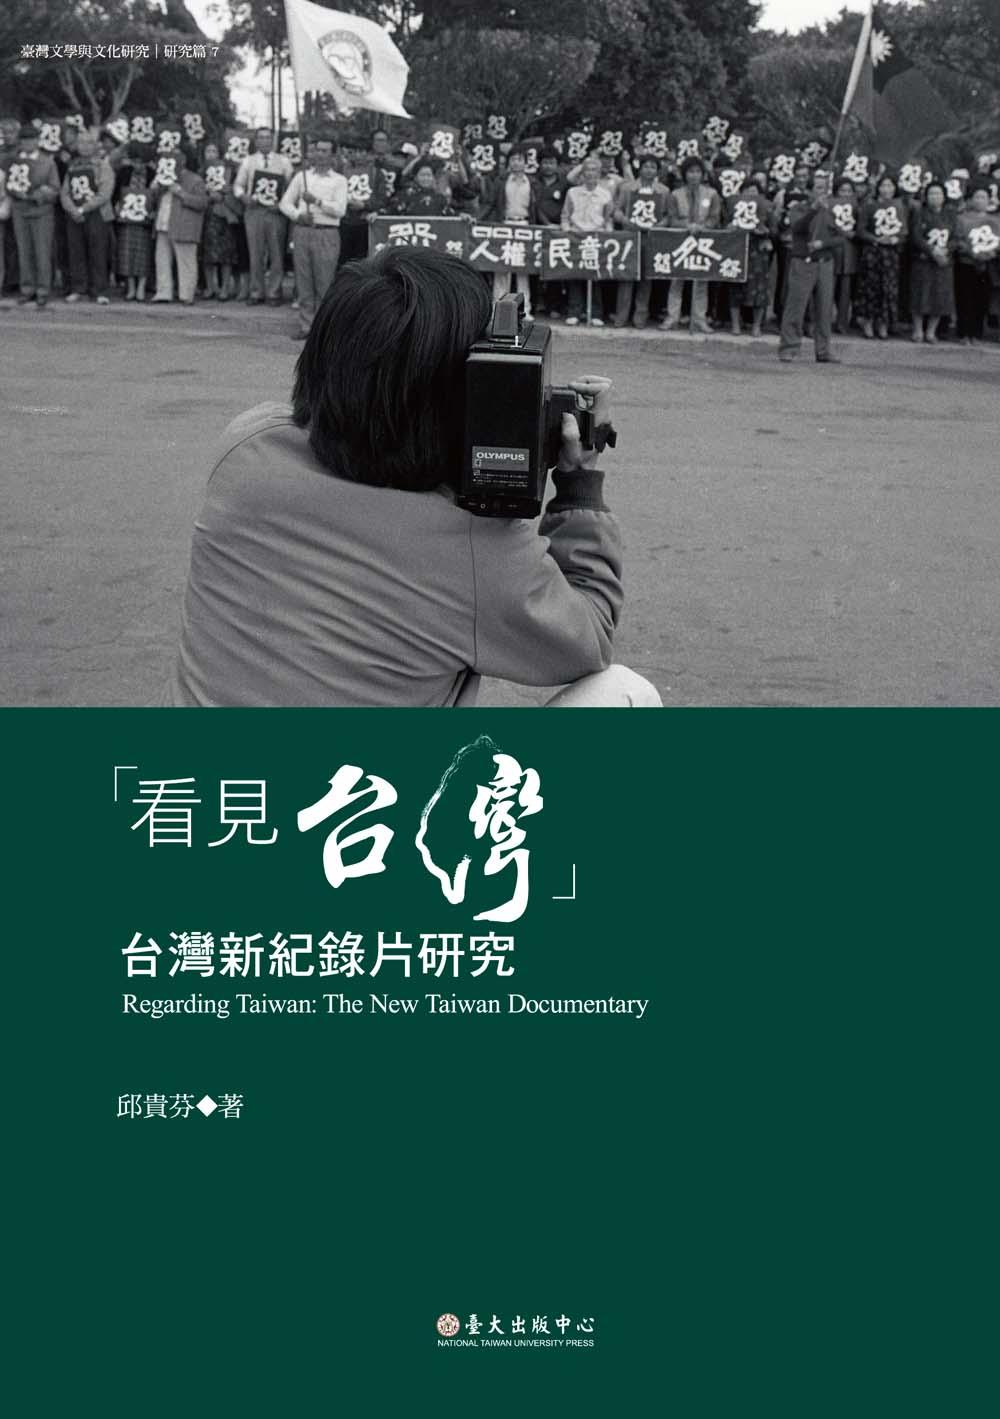 「看見台灣」──台灣新紀錄片研究